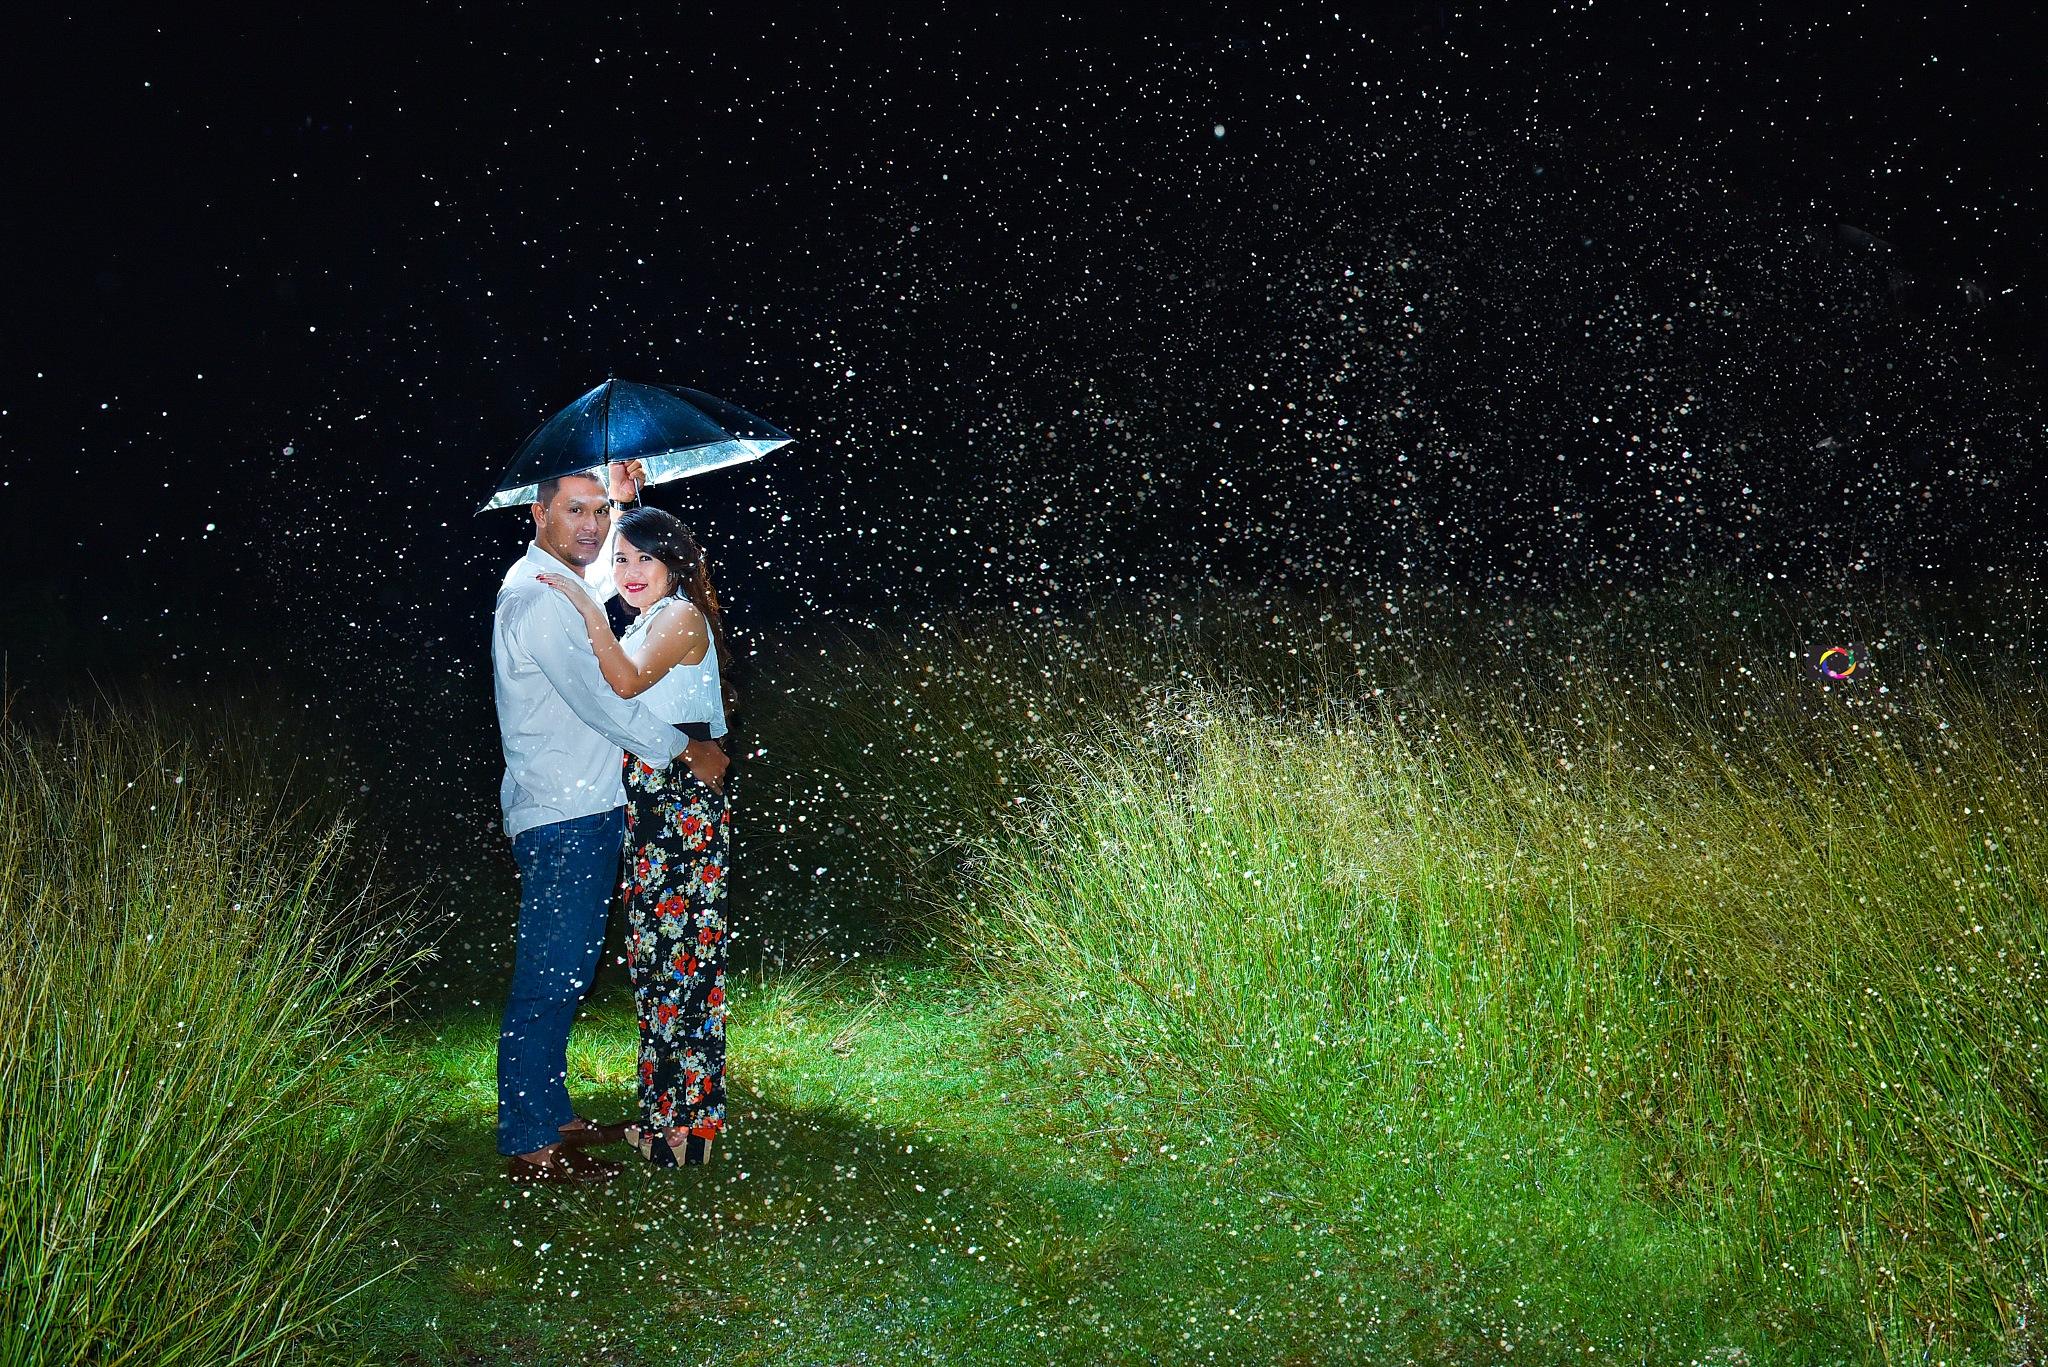 Rainy evening by Acquiro Fotografia